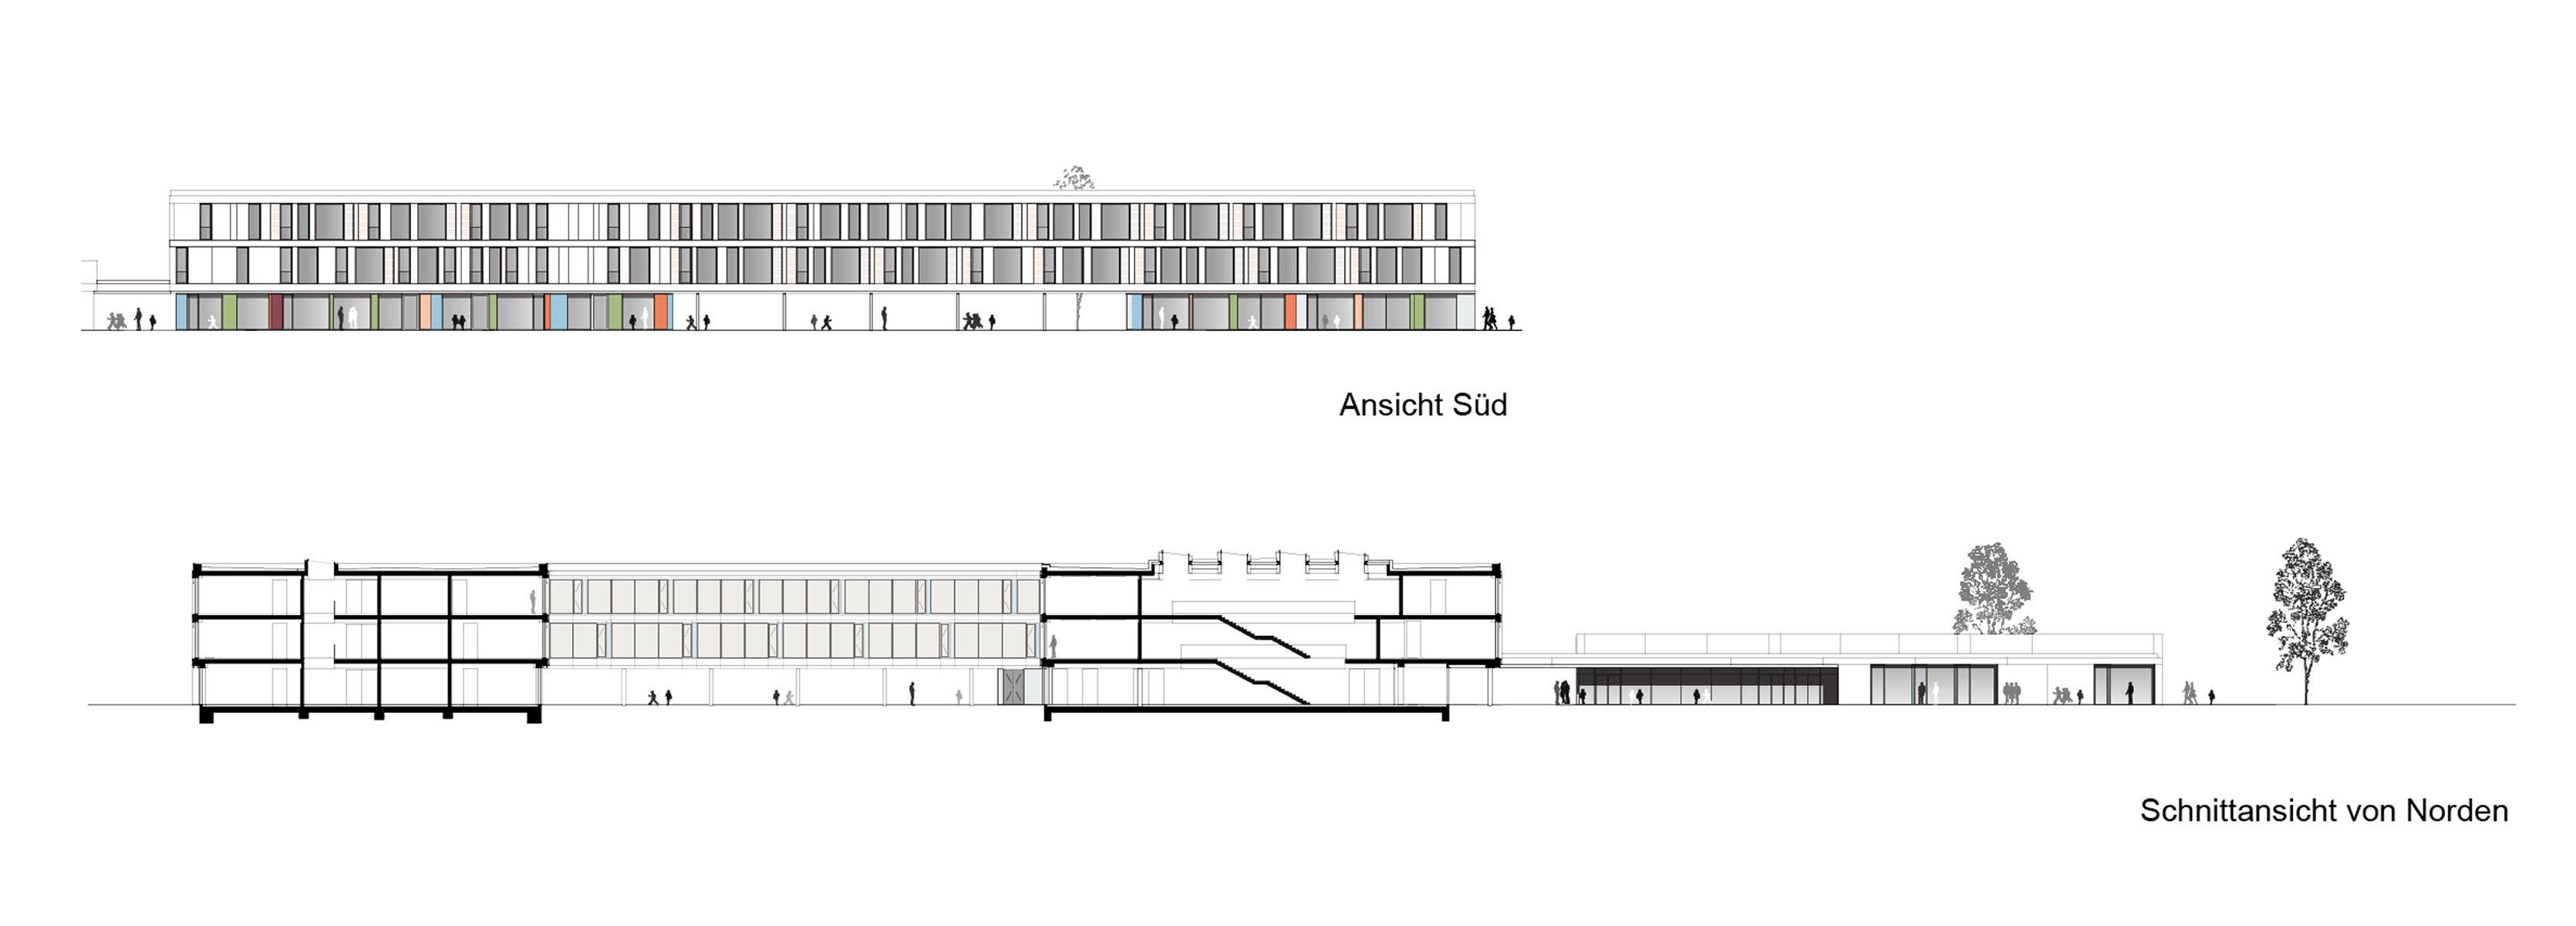 Ansicht Architektur schnitt ansicht architektur